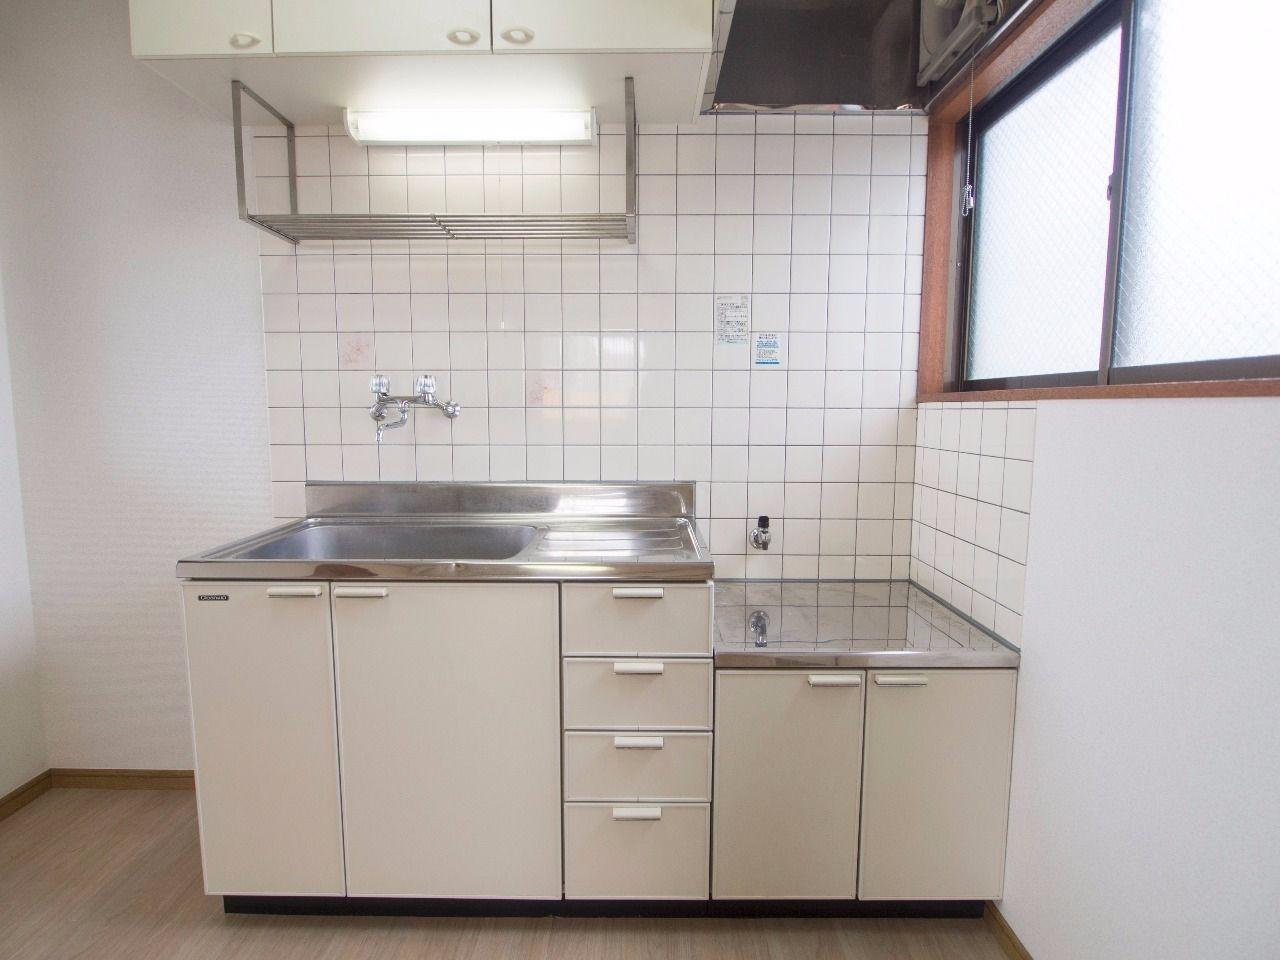 ガスコンロ対応で吊り戸棚のあるキッチン